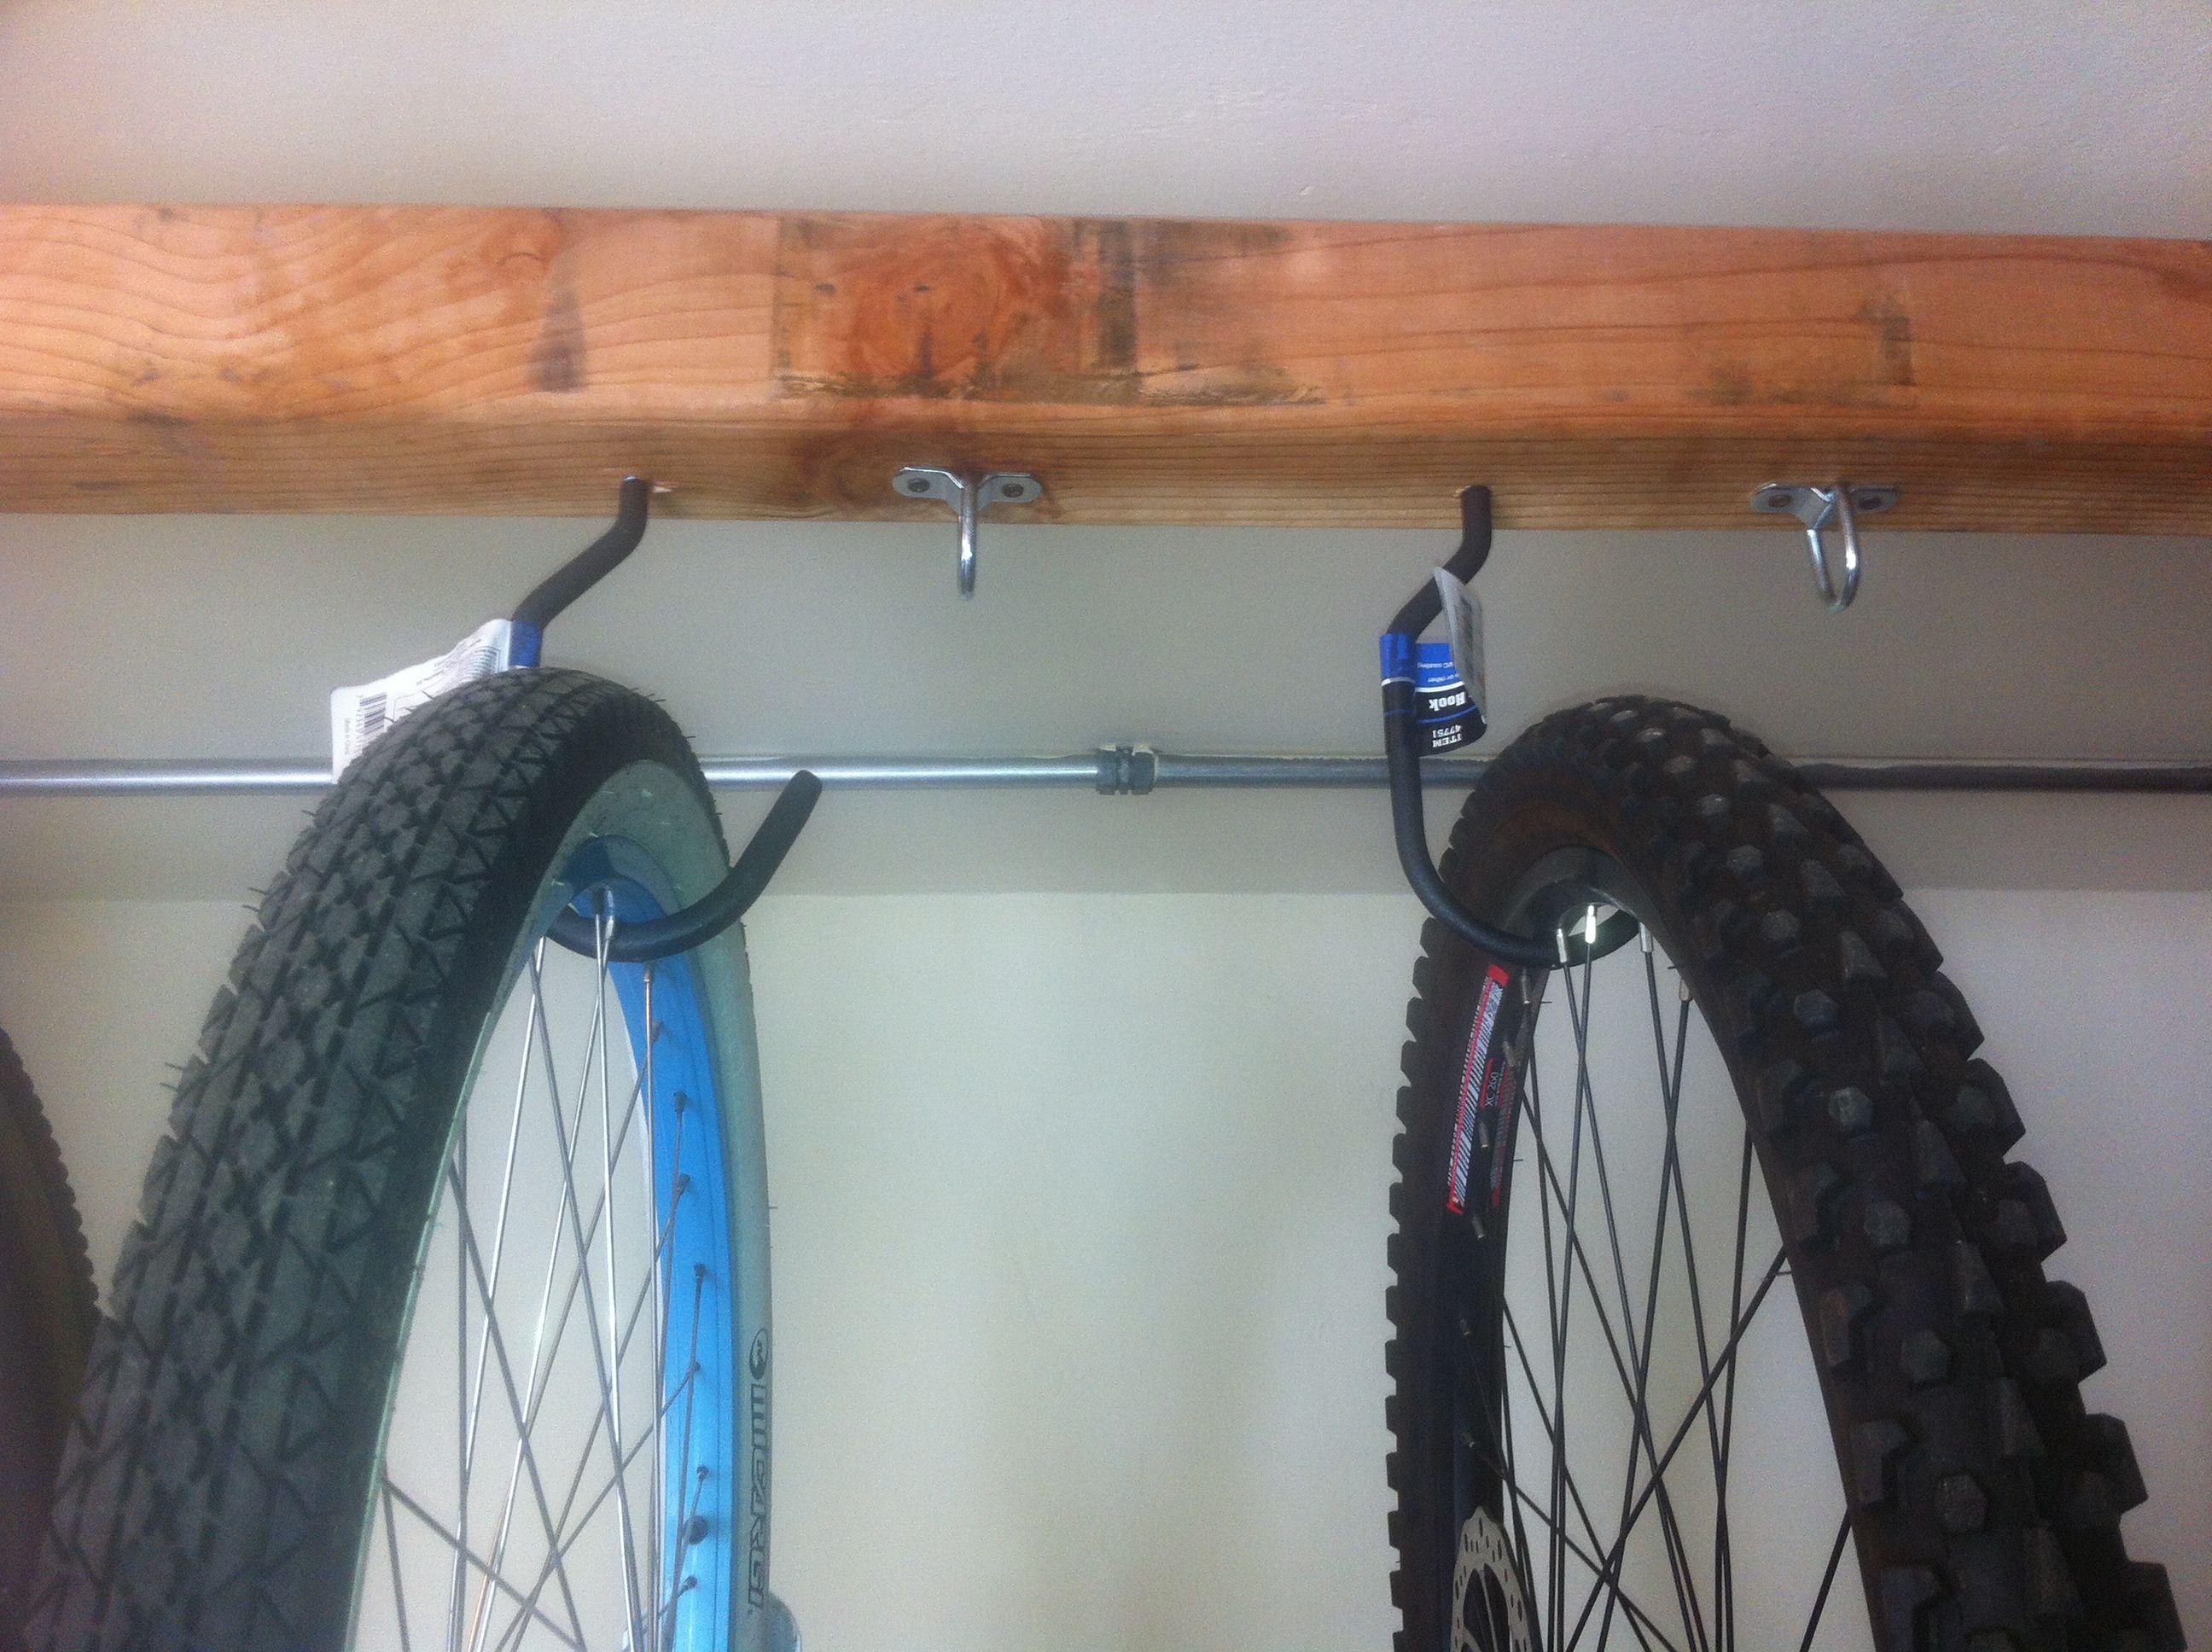 Bike Rack With Cargo D Ring For Bike Locks Bike Rack Bike Bicycle